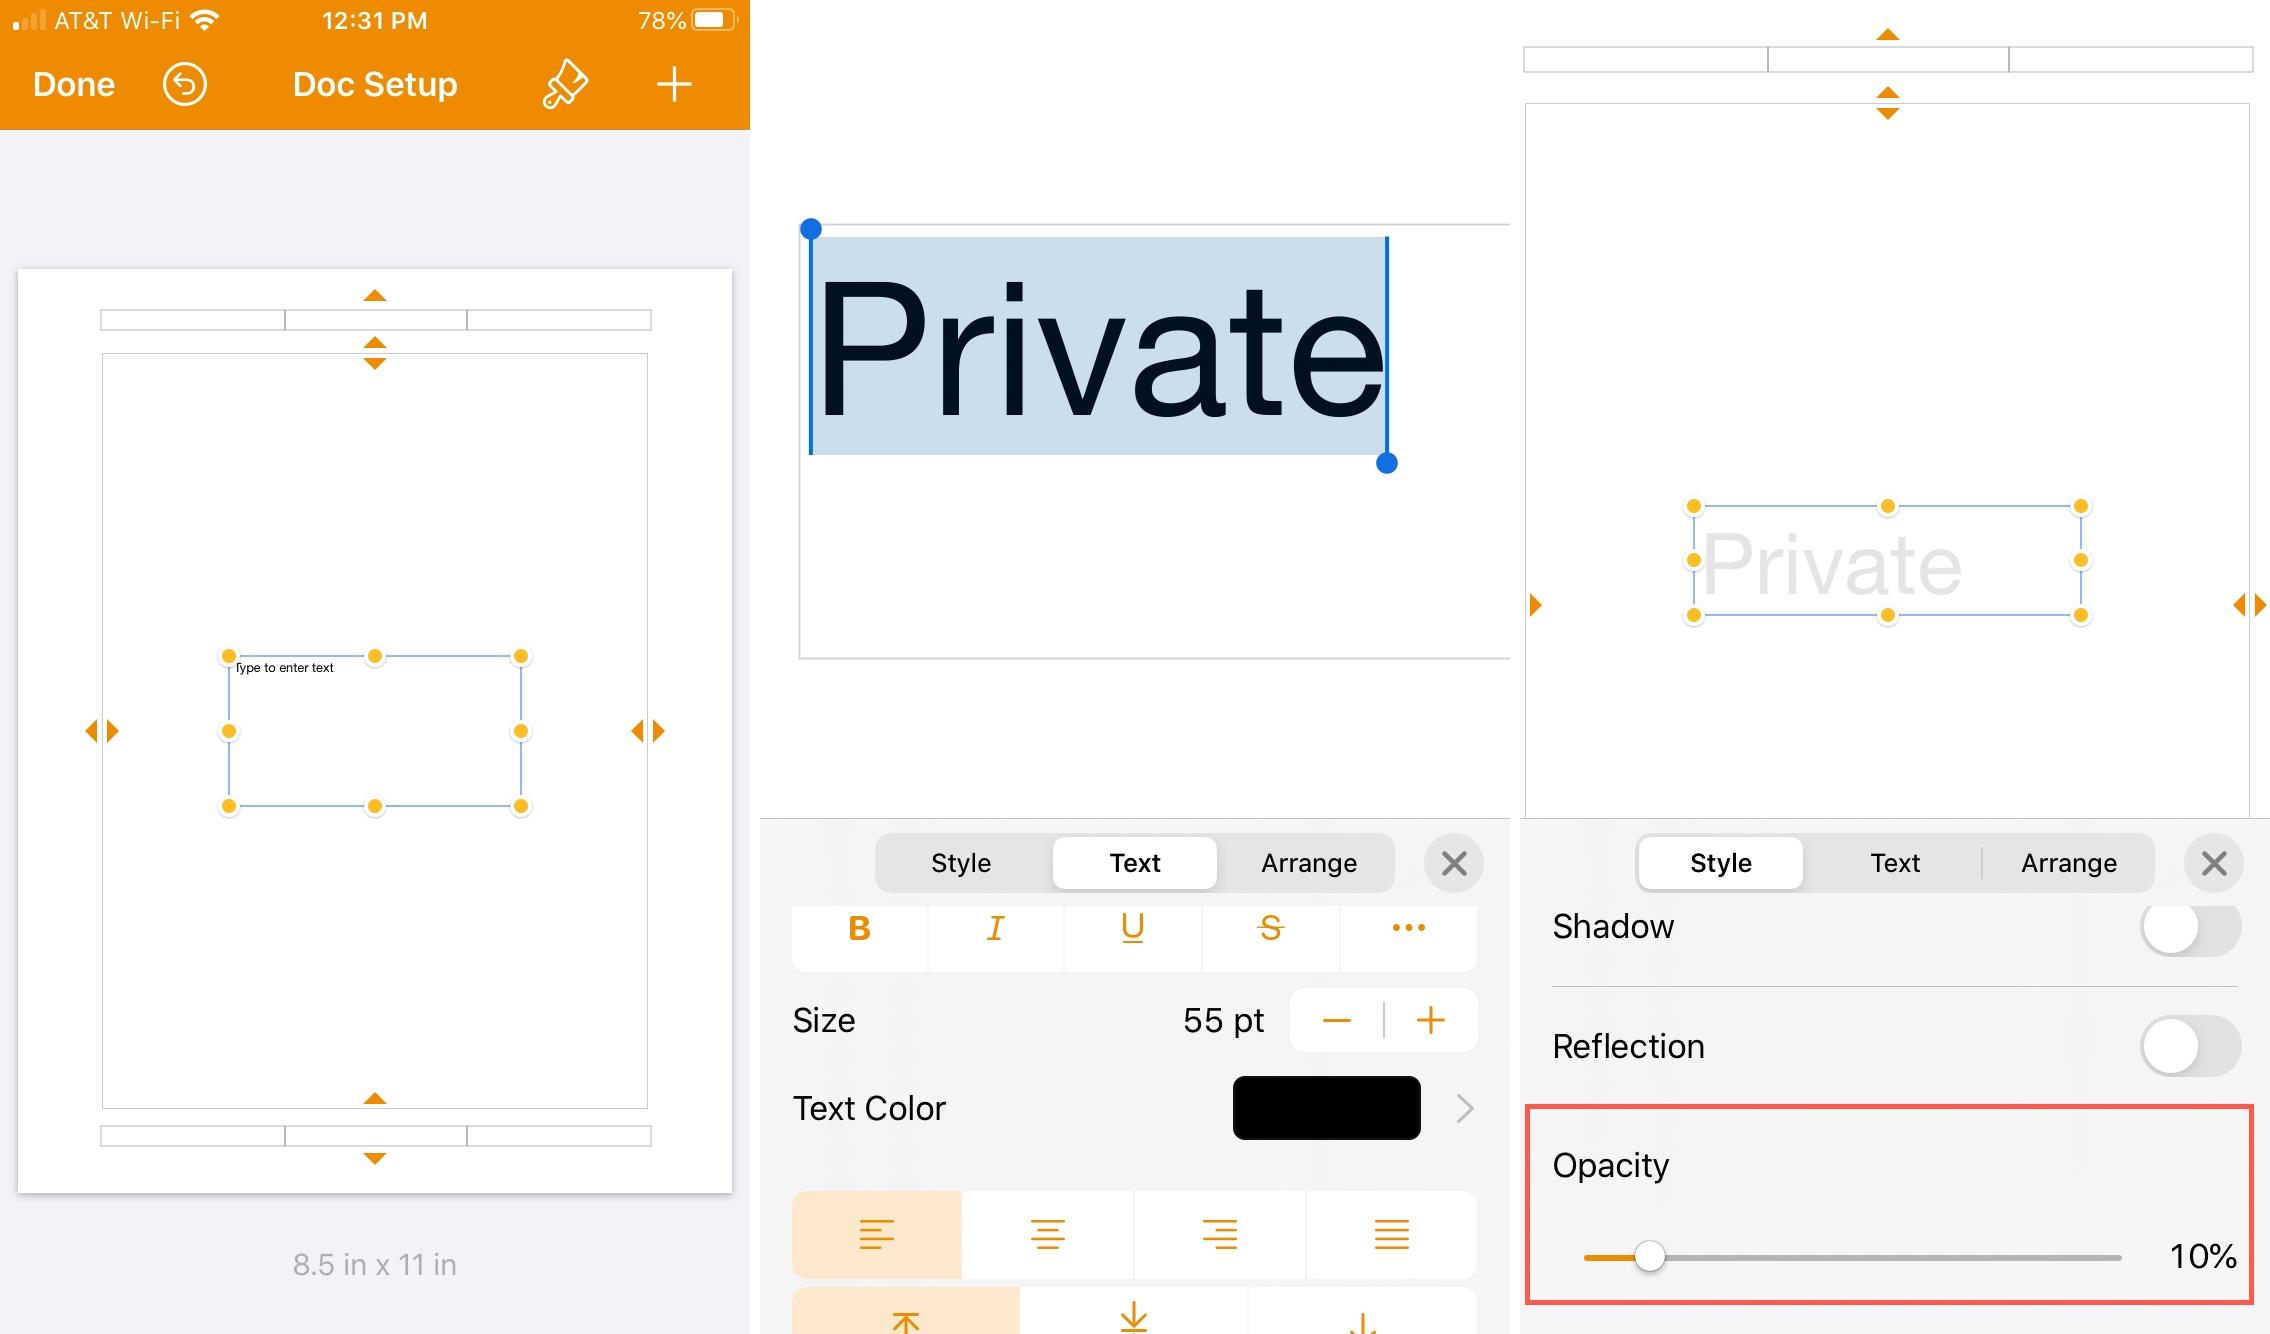 Trang Tài liệu Cài đặt Độ mờ iPhone